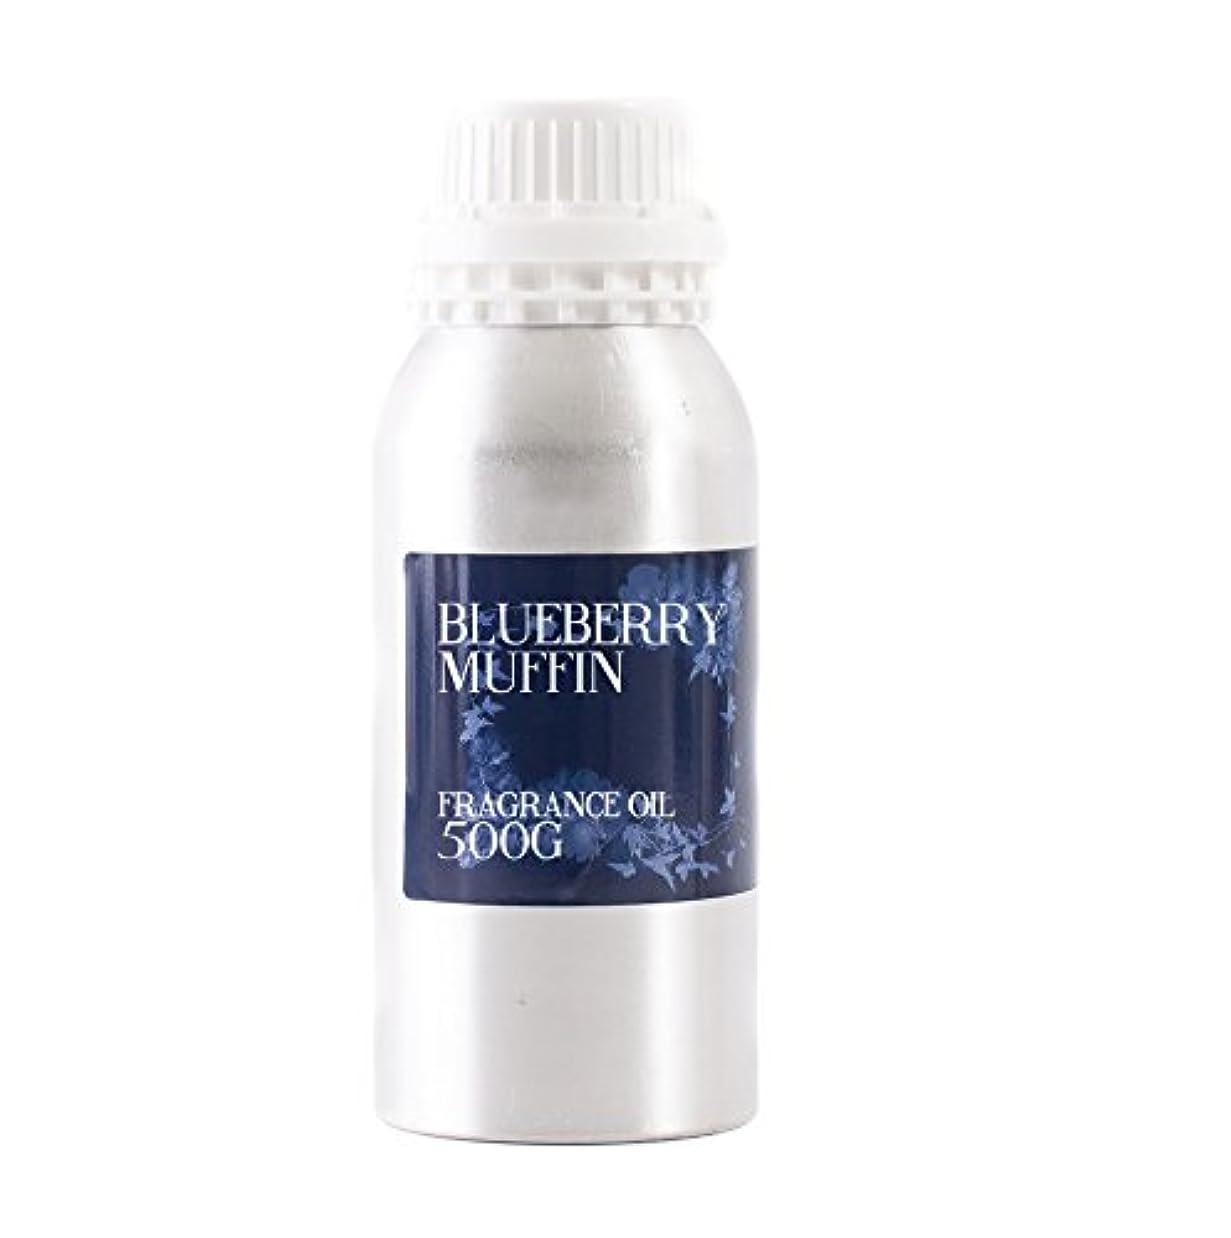 悪性のコーンウォール飲料Mystic Moments   Blueberry Muffin Fragrance Oil - 500g